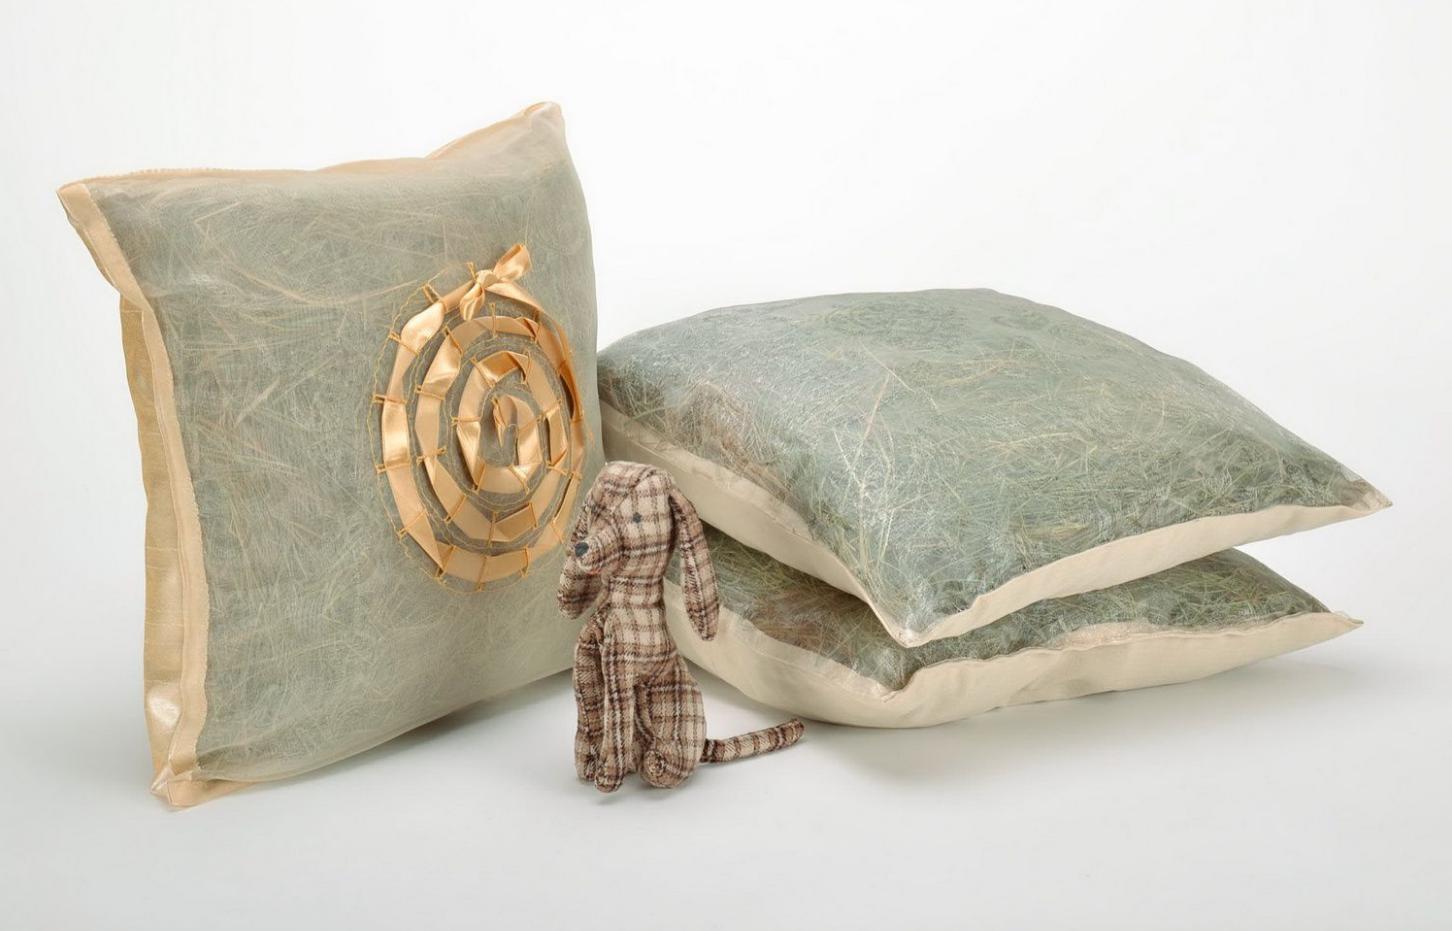 бизнес-идея изготовления травяных подушек